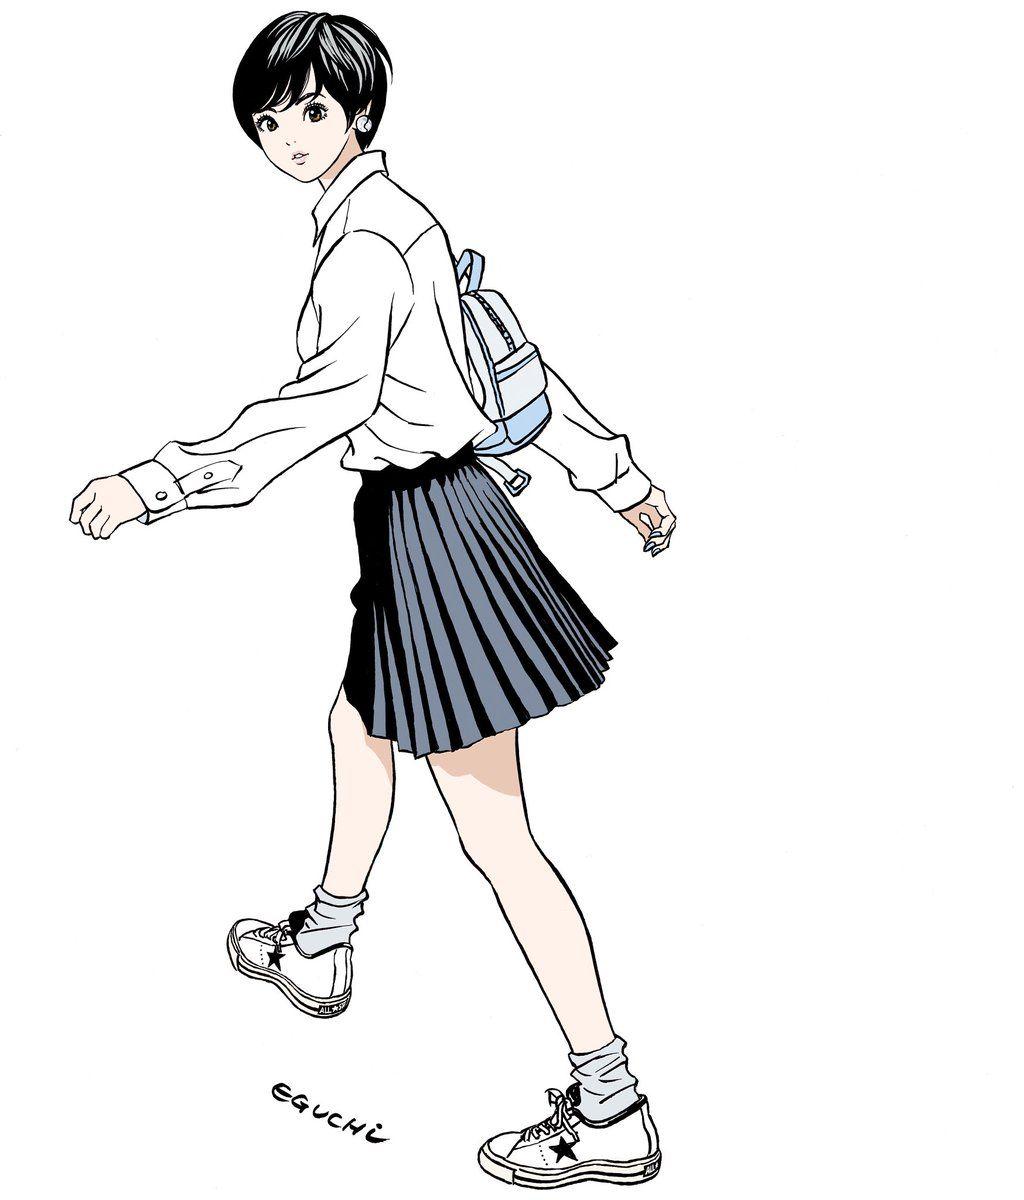 ショートカット久々に描いた 江口寿史 江口寿史 イラスト アニメ